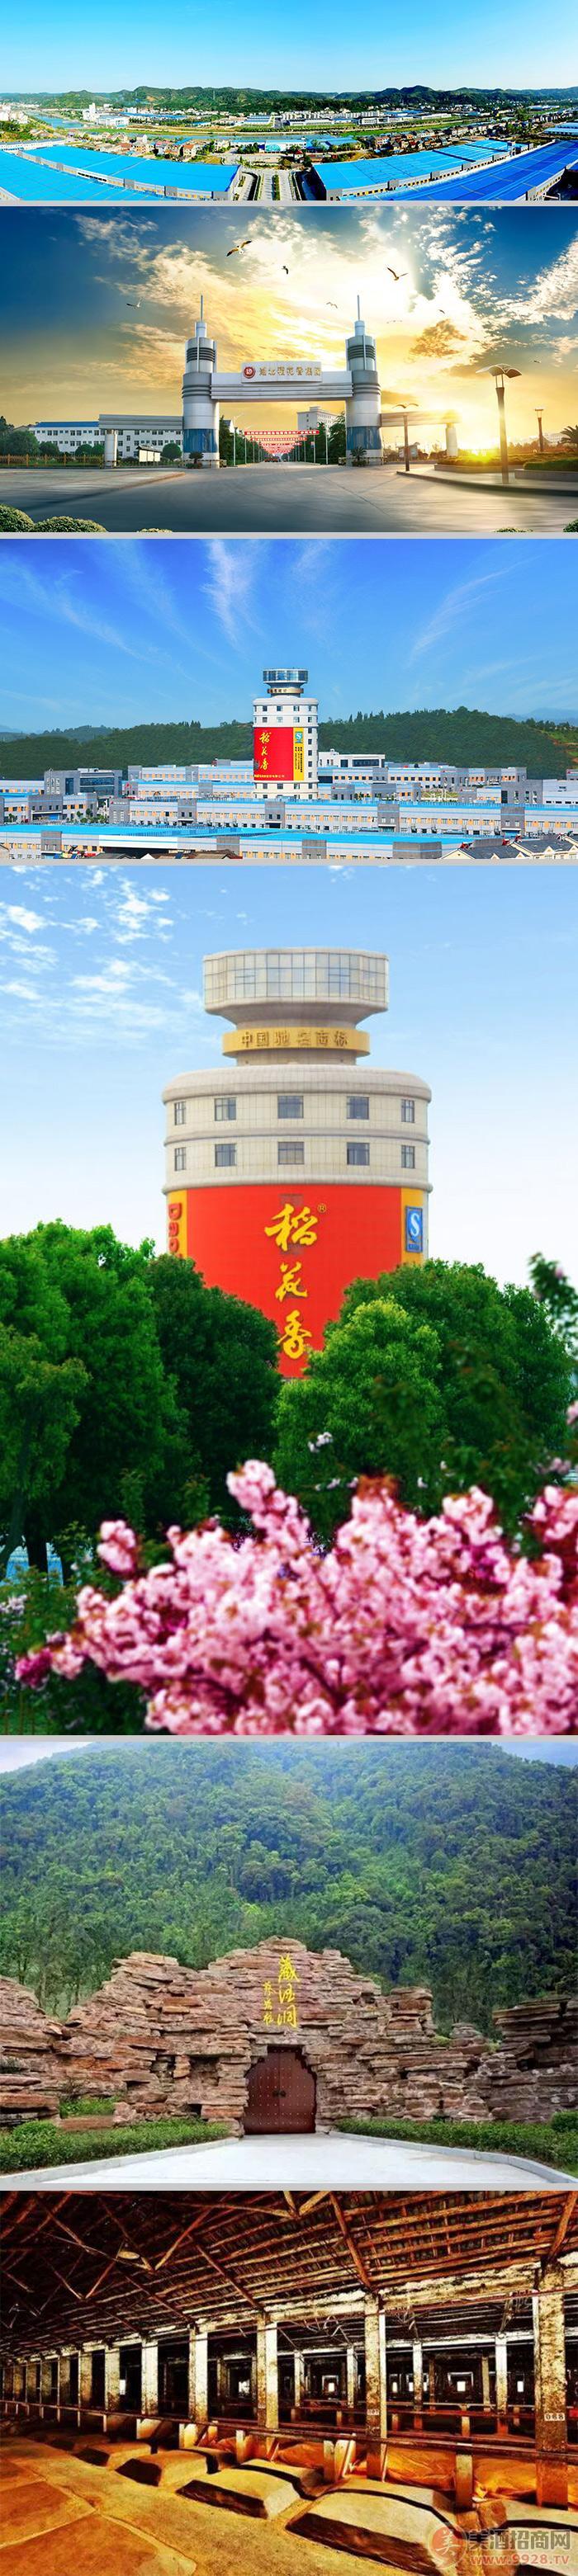 湖北稻花香集团苦荞酒事业部